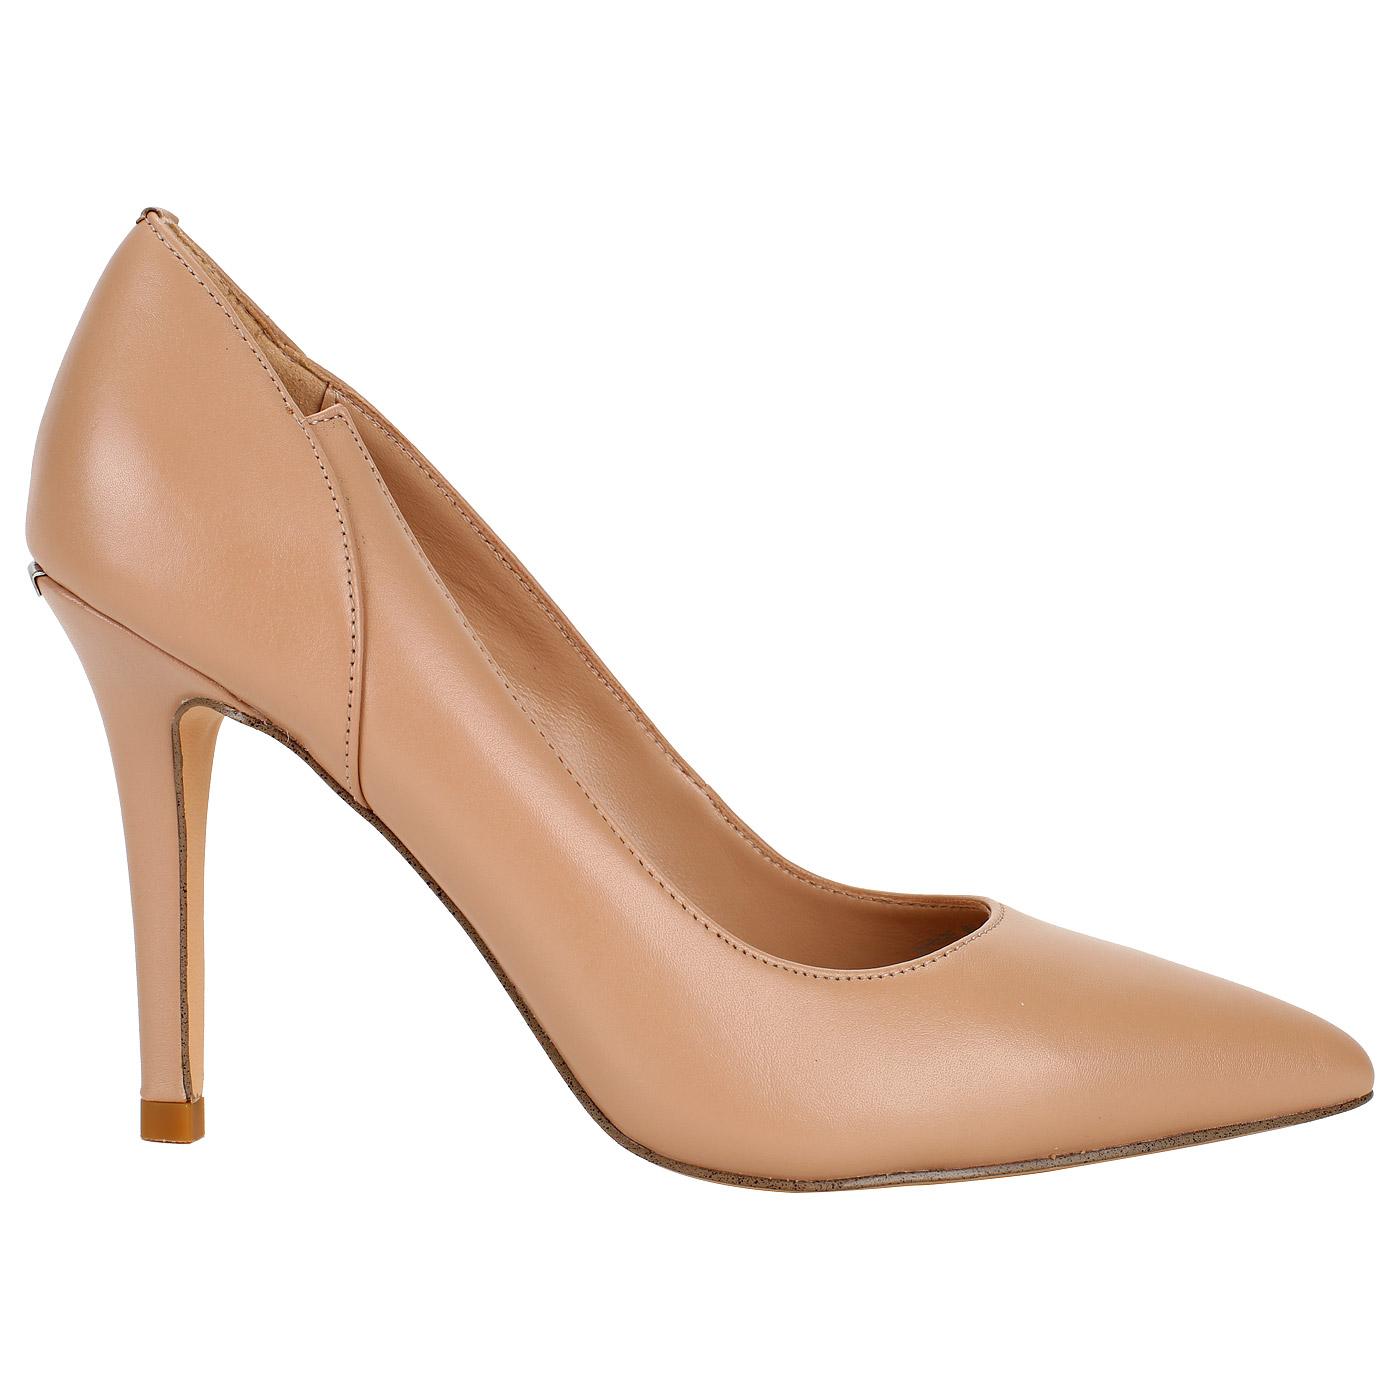 Женские туфли-лодочки из кожи Liu Jo Airone S18001P0055 nude 38-i ... fa92801f2e6